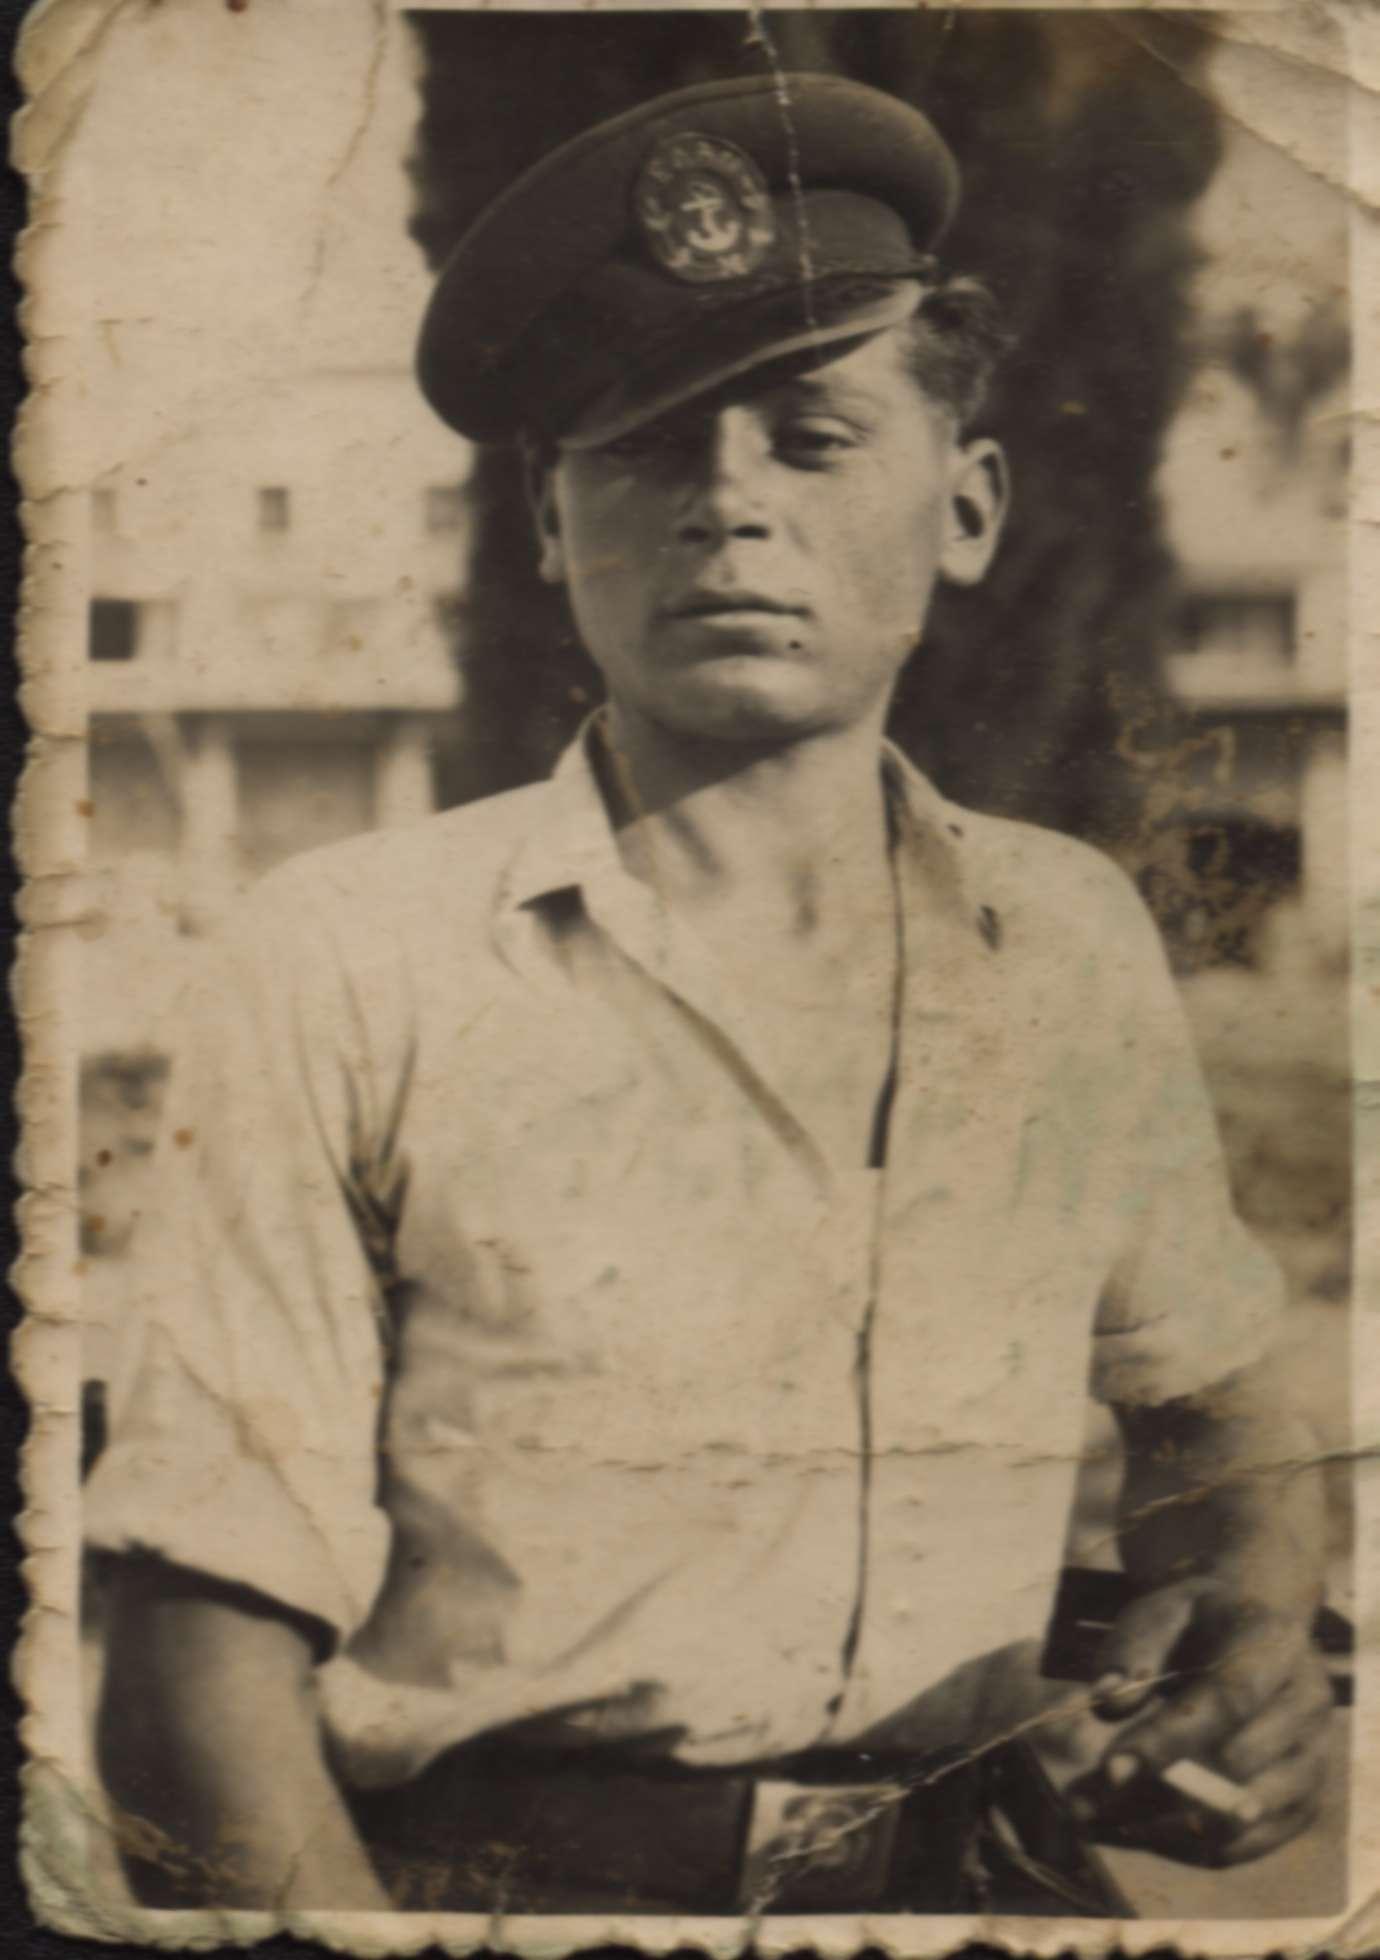 1944. Ο Ιερισσιώτης Ελανίτης Κων/νος Α. Ματζώνας,(ή Μπούρμπουλας), με πηλίκιο του ΕΛΑΝ. Φωτογραφία του Ν. Χαμαϊδού.